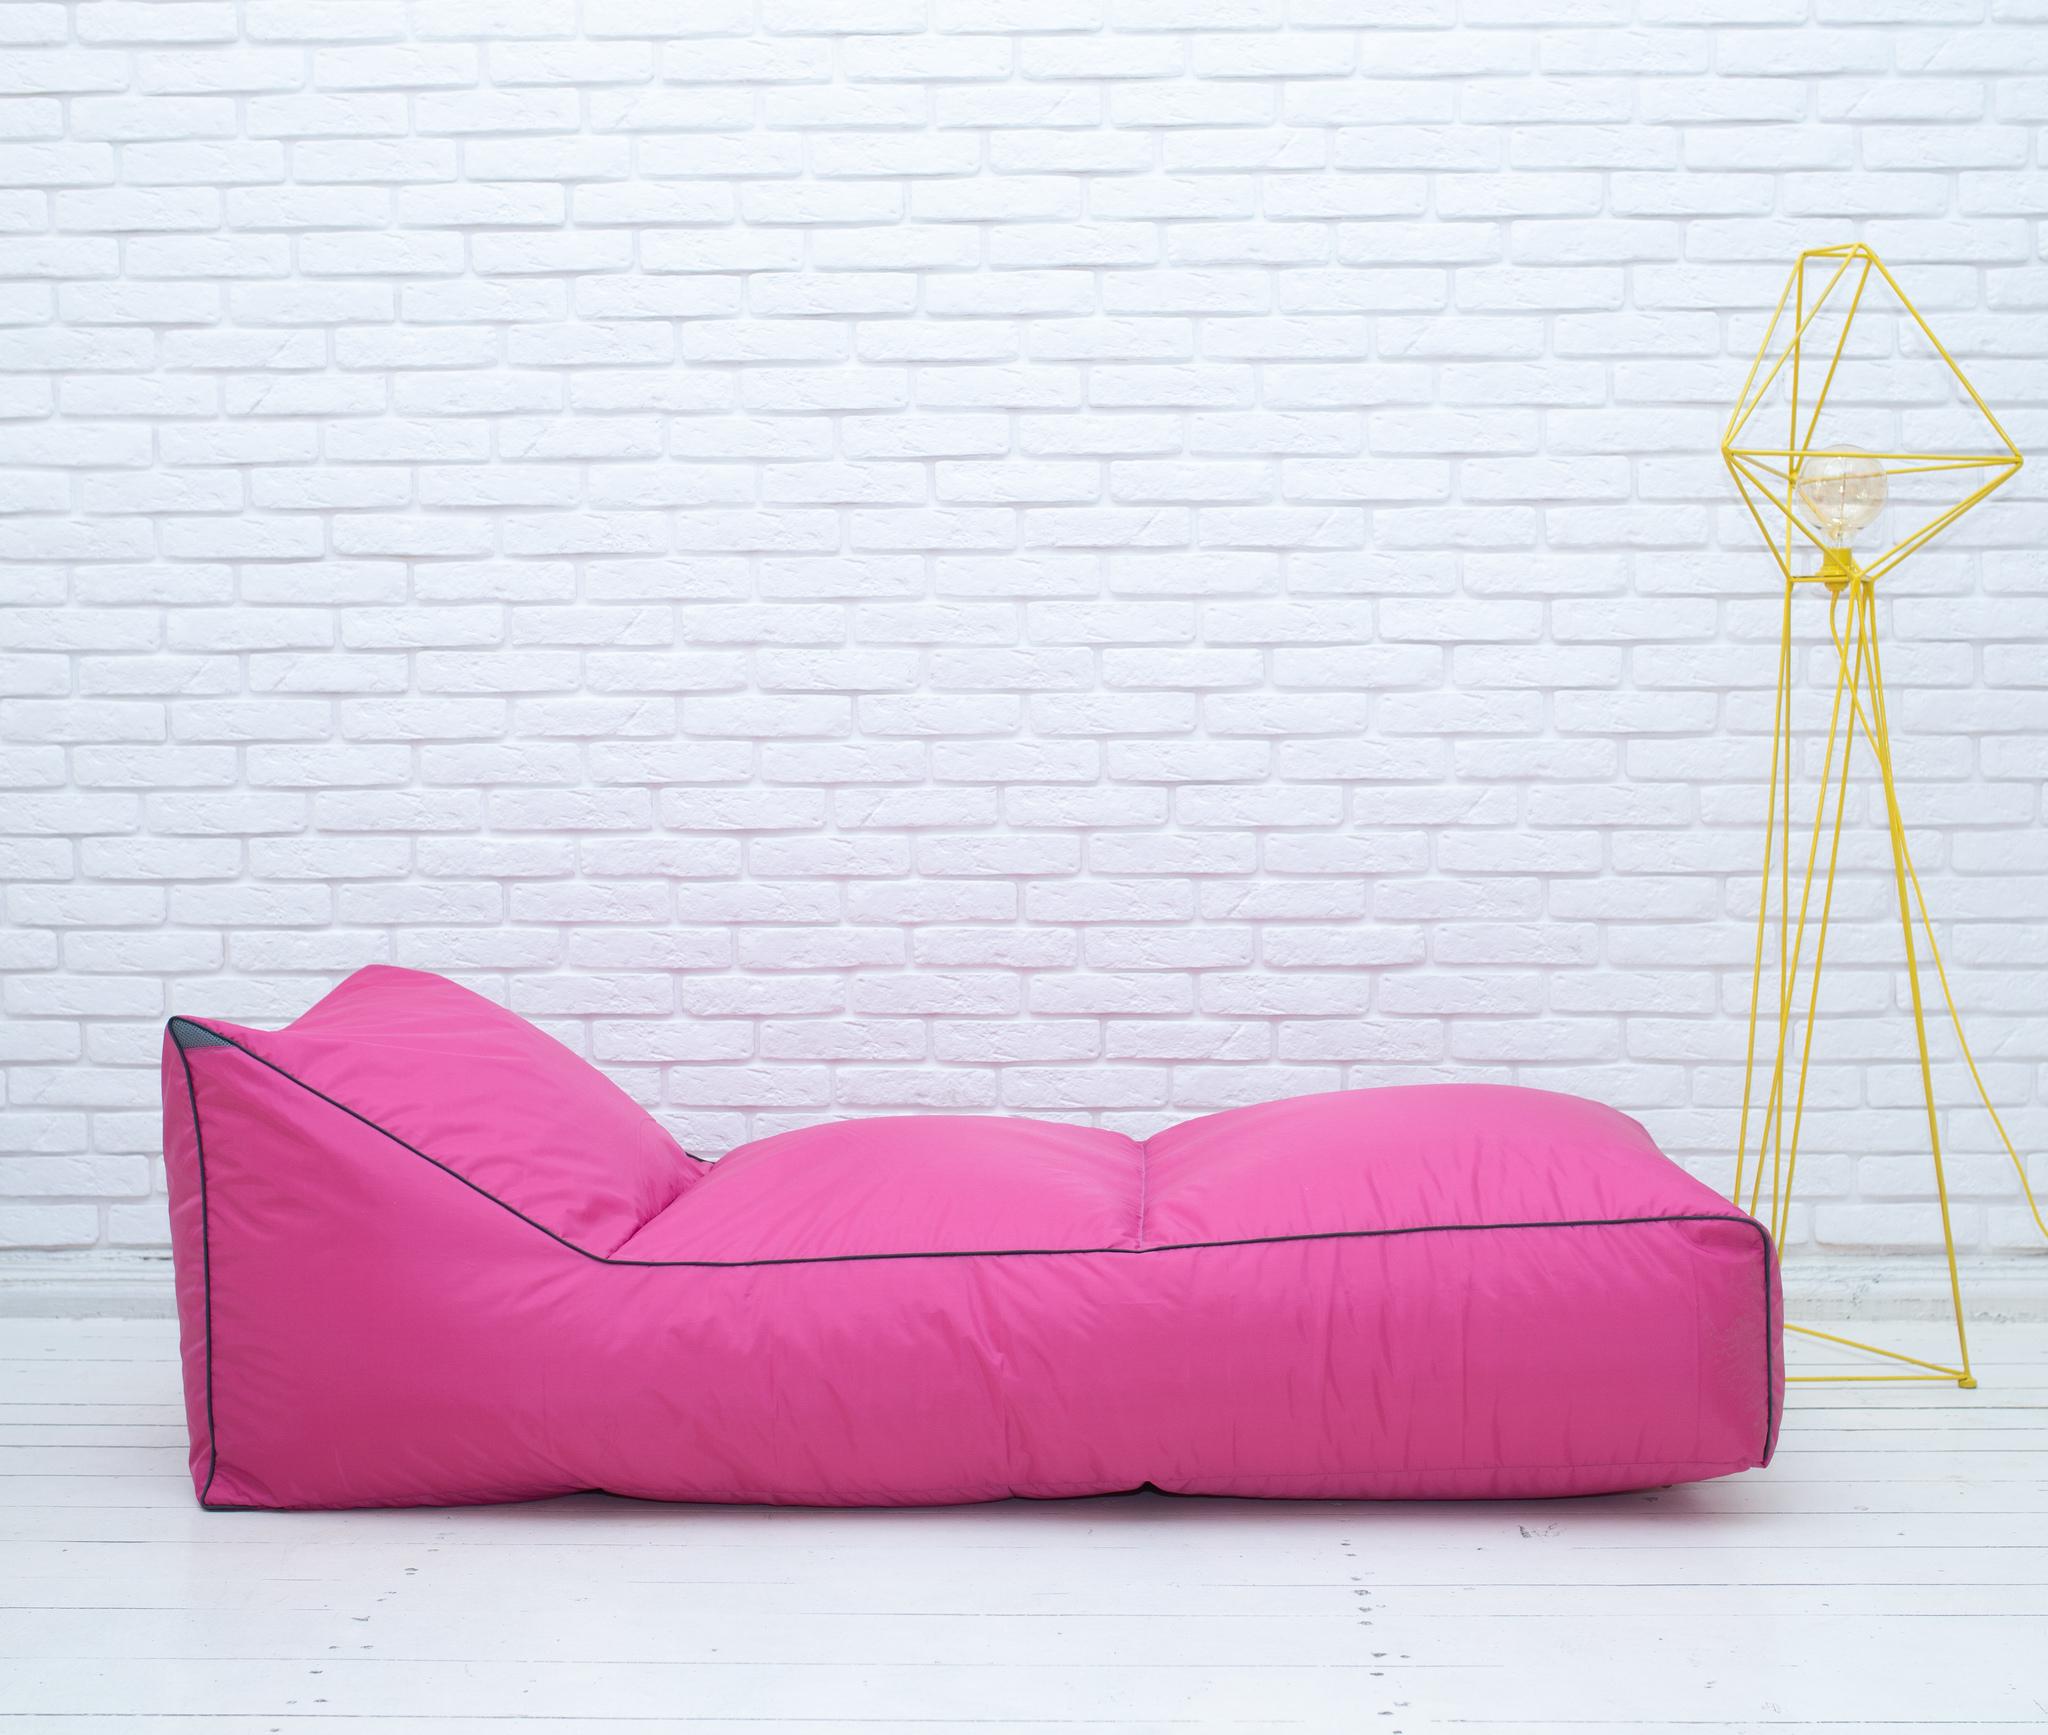 Шезлонг плащёвка (розовый)